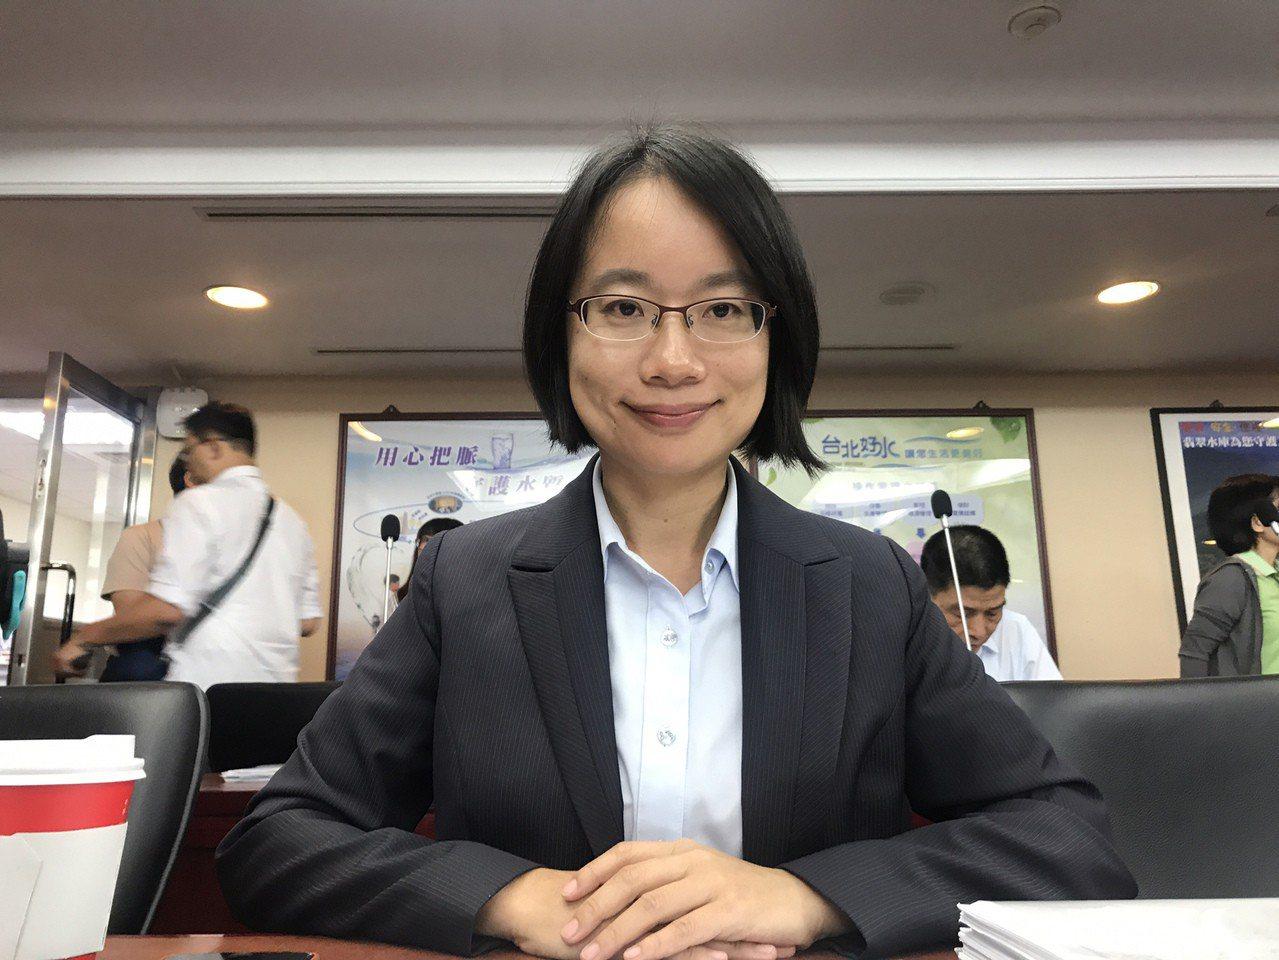 台北農產運銷公司今年8月前營業淨利較去年同期少。北農總經理吳音寧(前)11日列席...